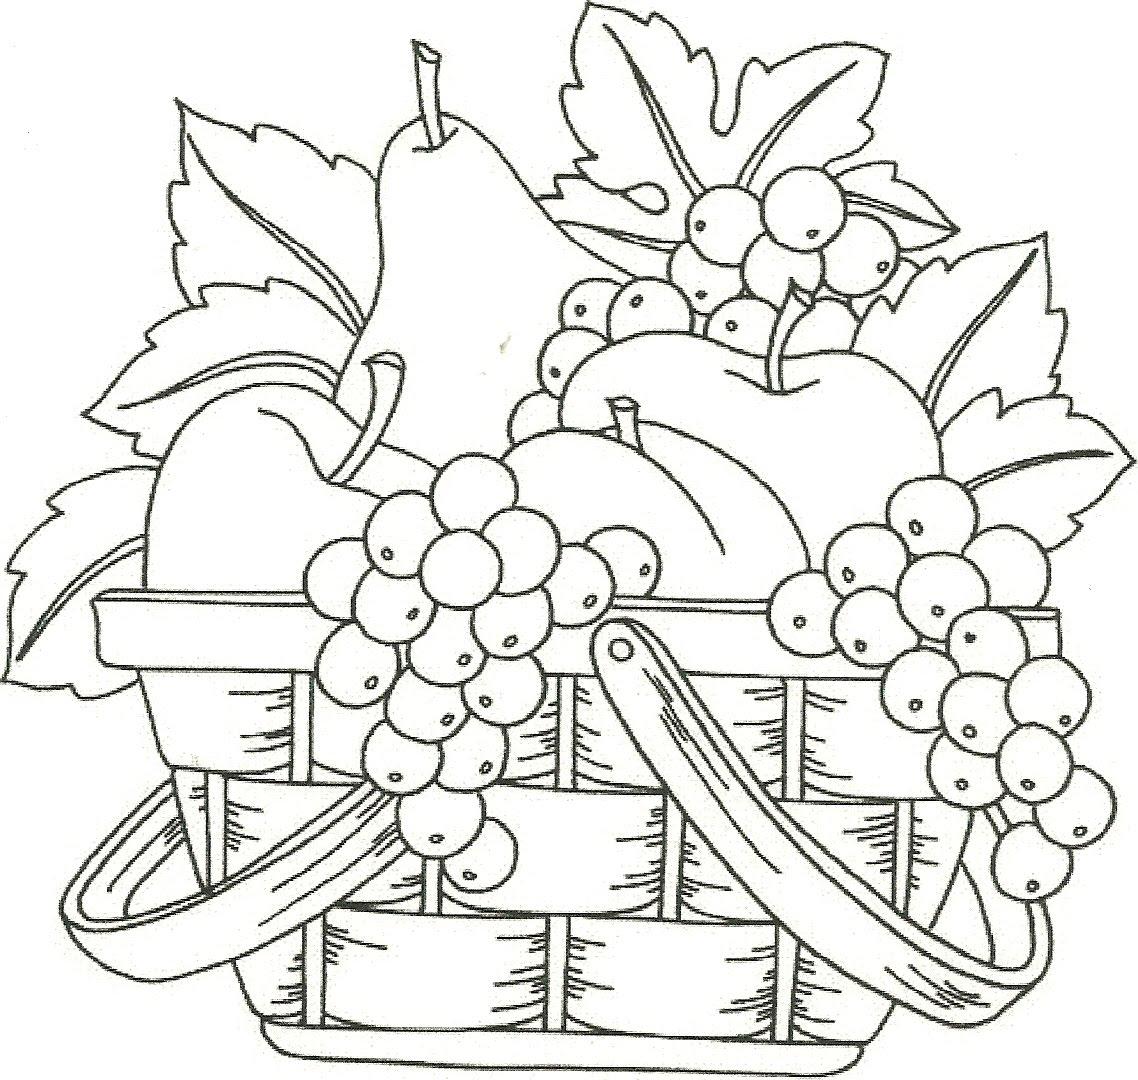 Dibujos de frutas o fruteros para colorear - Imagui